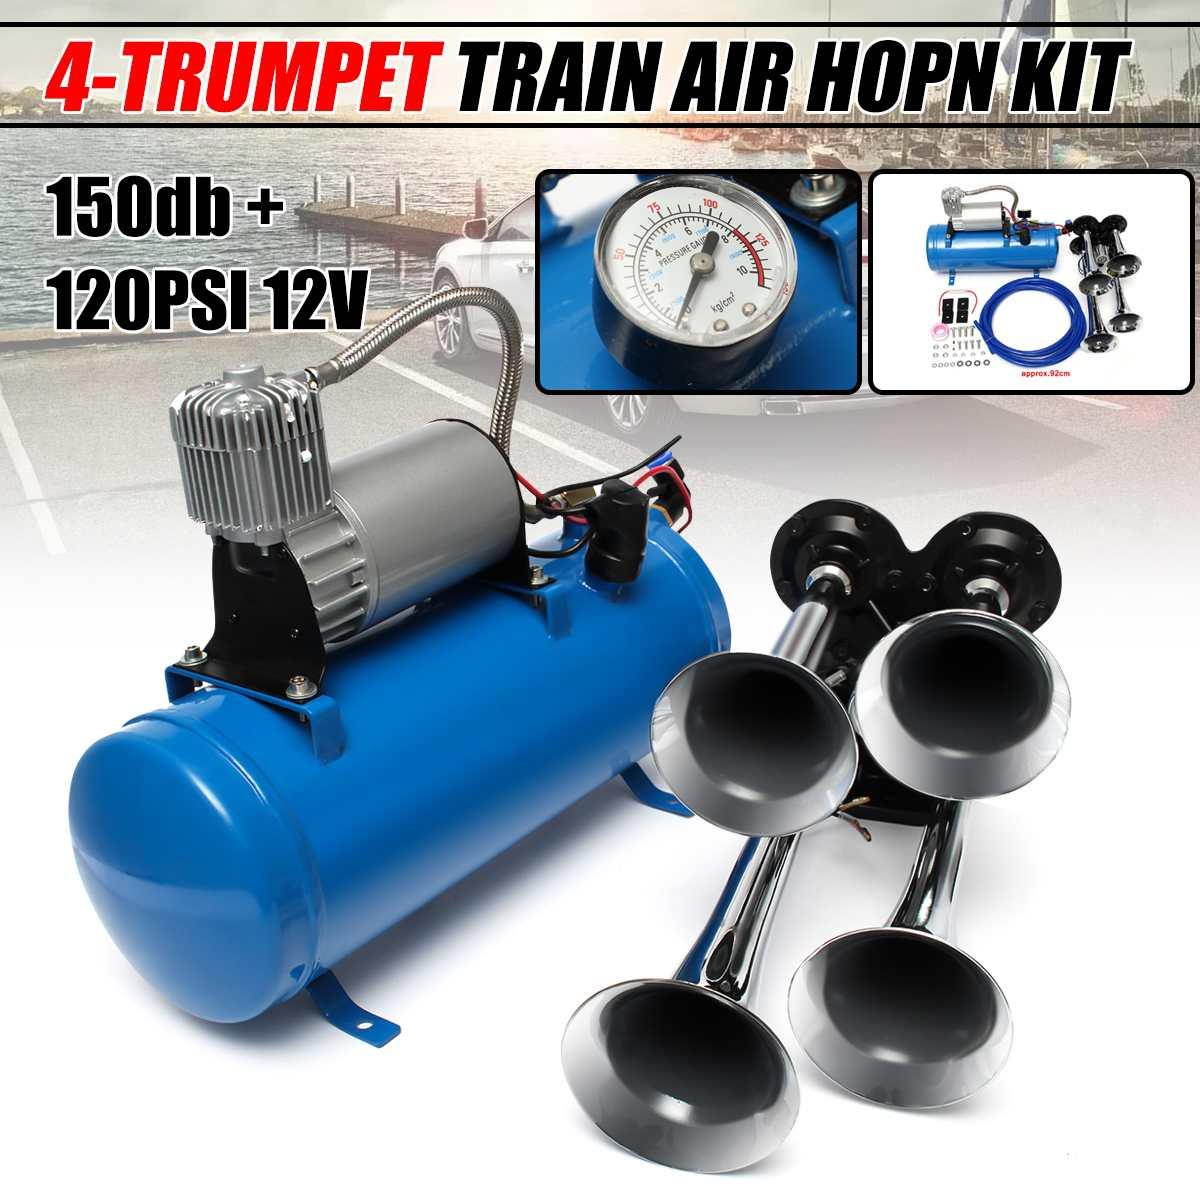 12 V/24 V 120 Psi 4 Aria Treno Chrome Corno Tromba Veicolo Blu Compressore Tubi 150dB